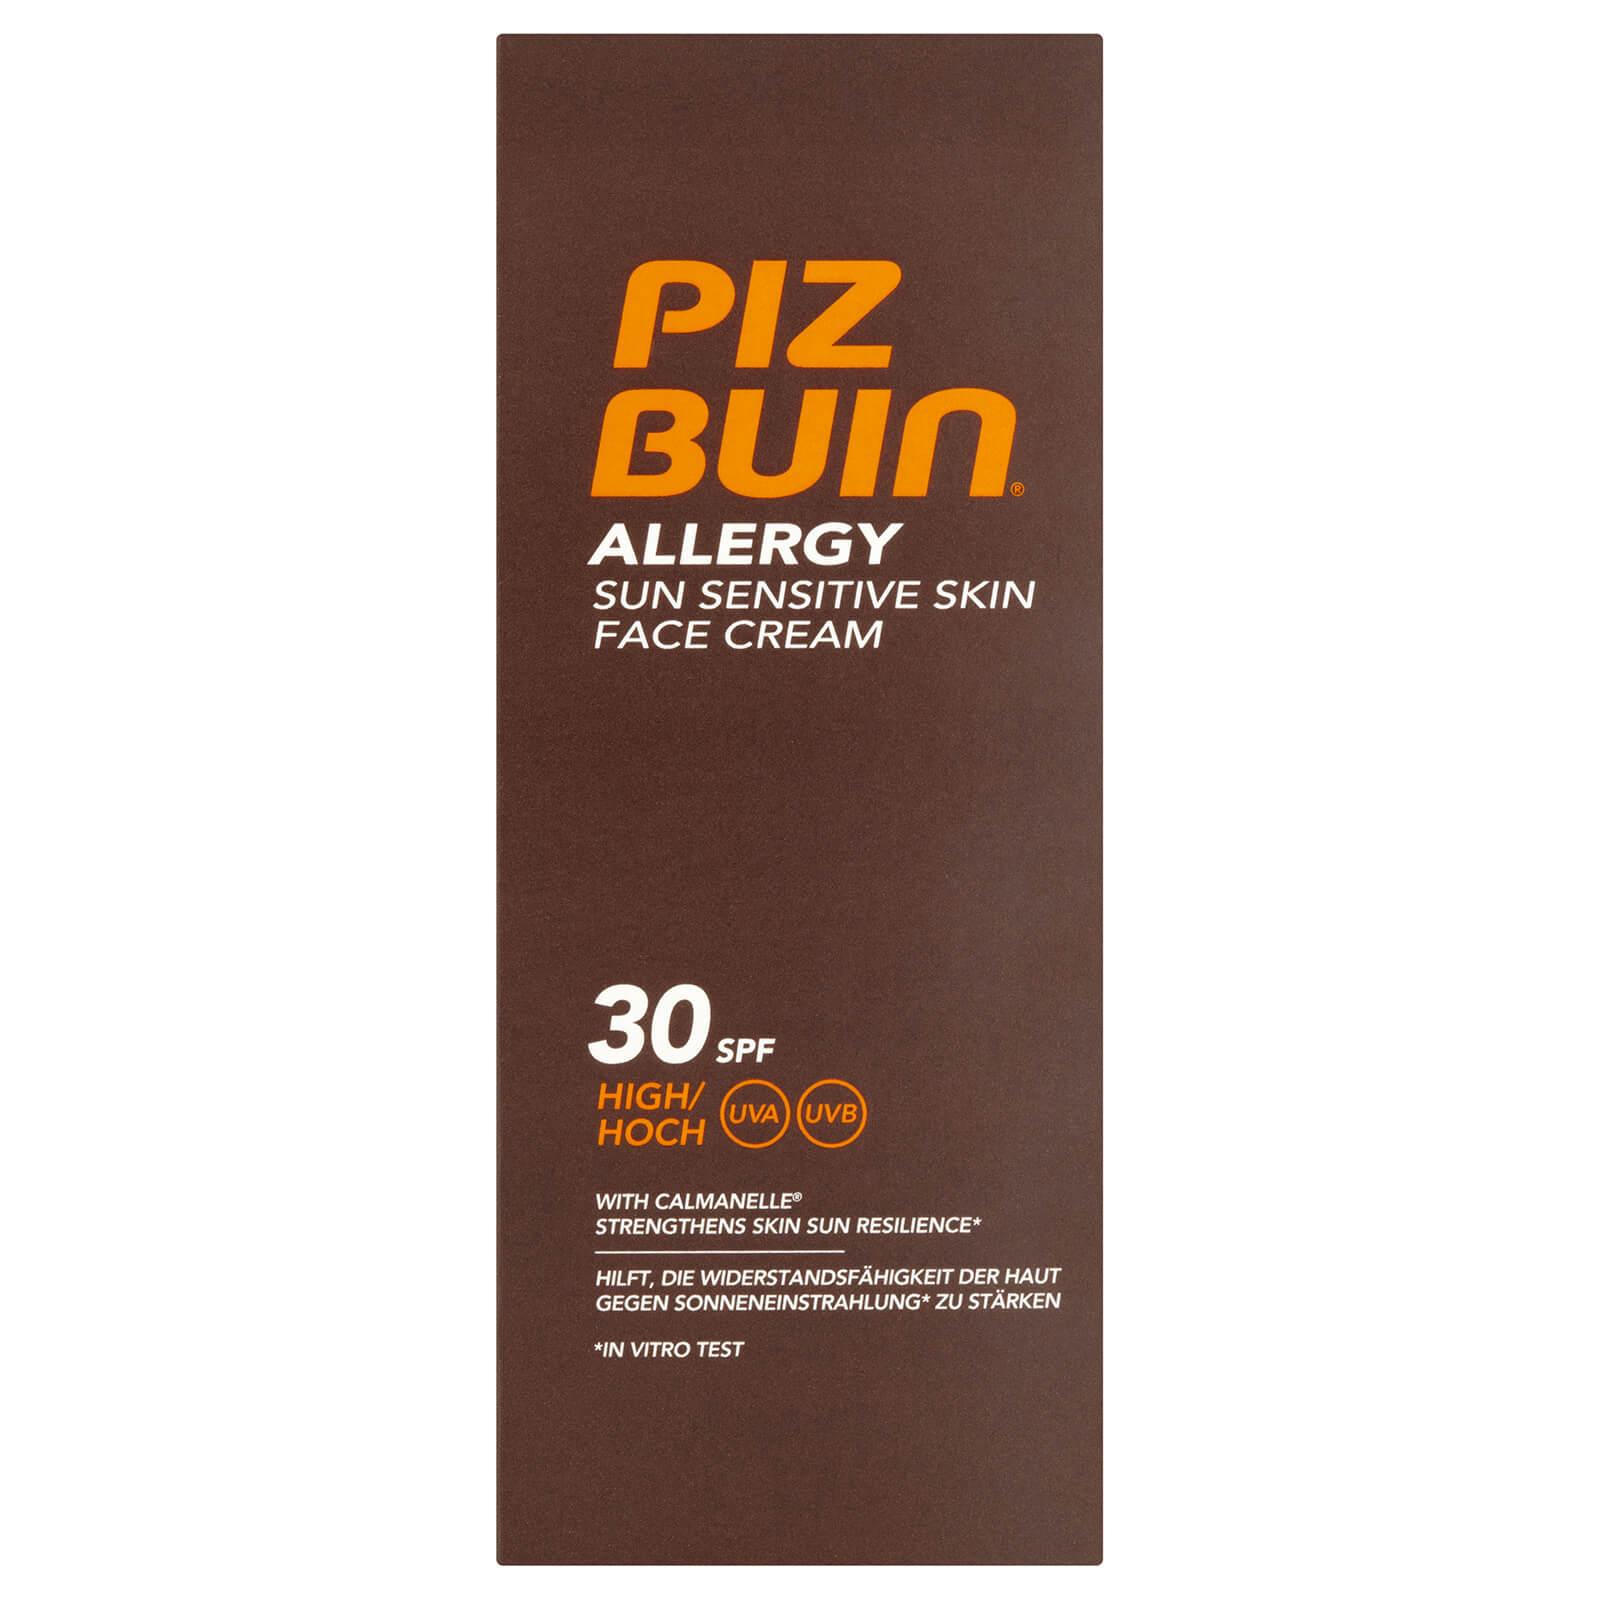 Купить Солнцезащитный крем для чувствительной кожи Piz Buin Allergy Sun Sensitive Skin Face Cream - High SPF30 50 мл